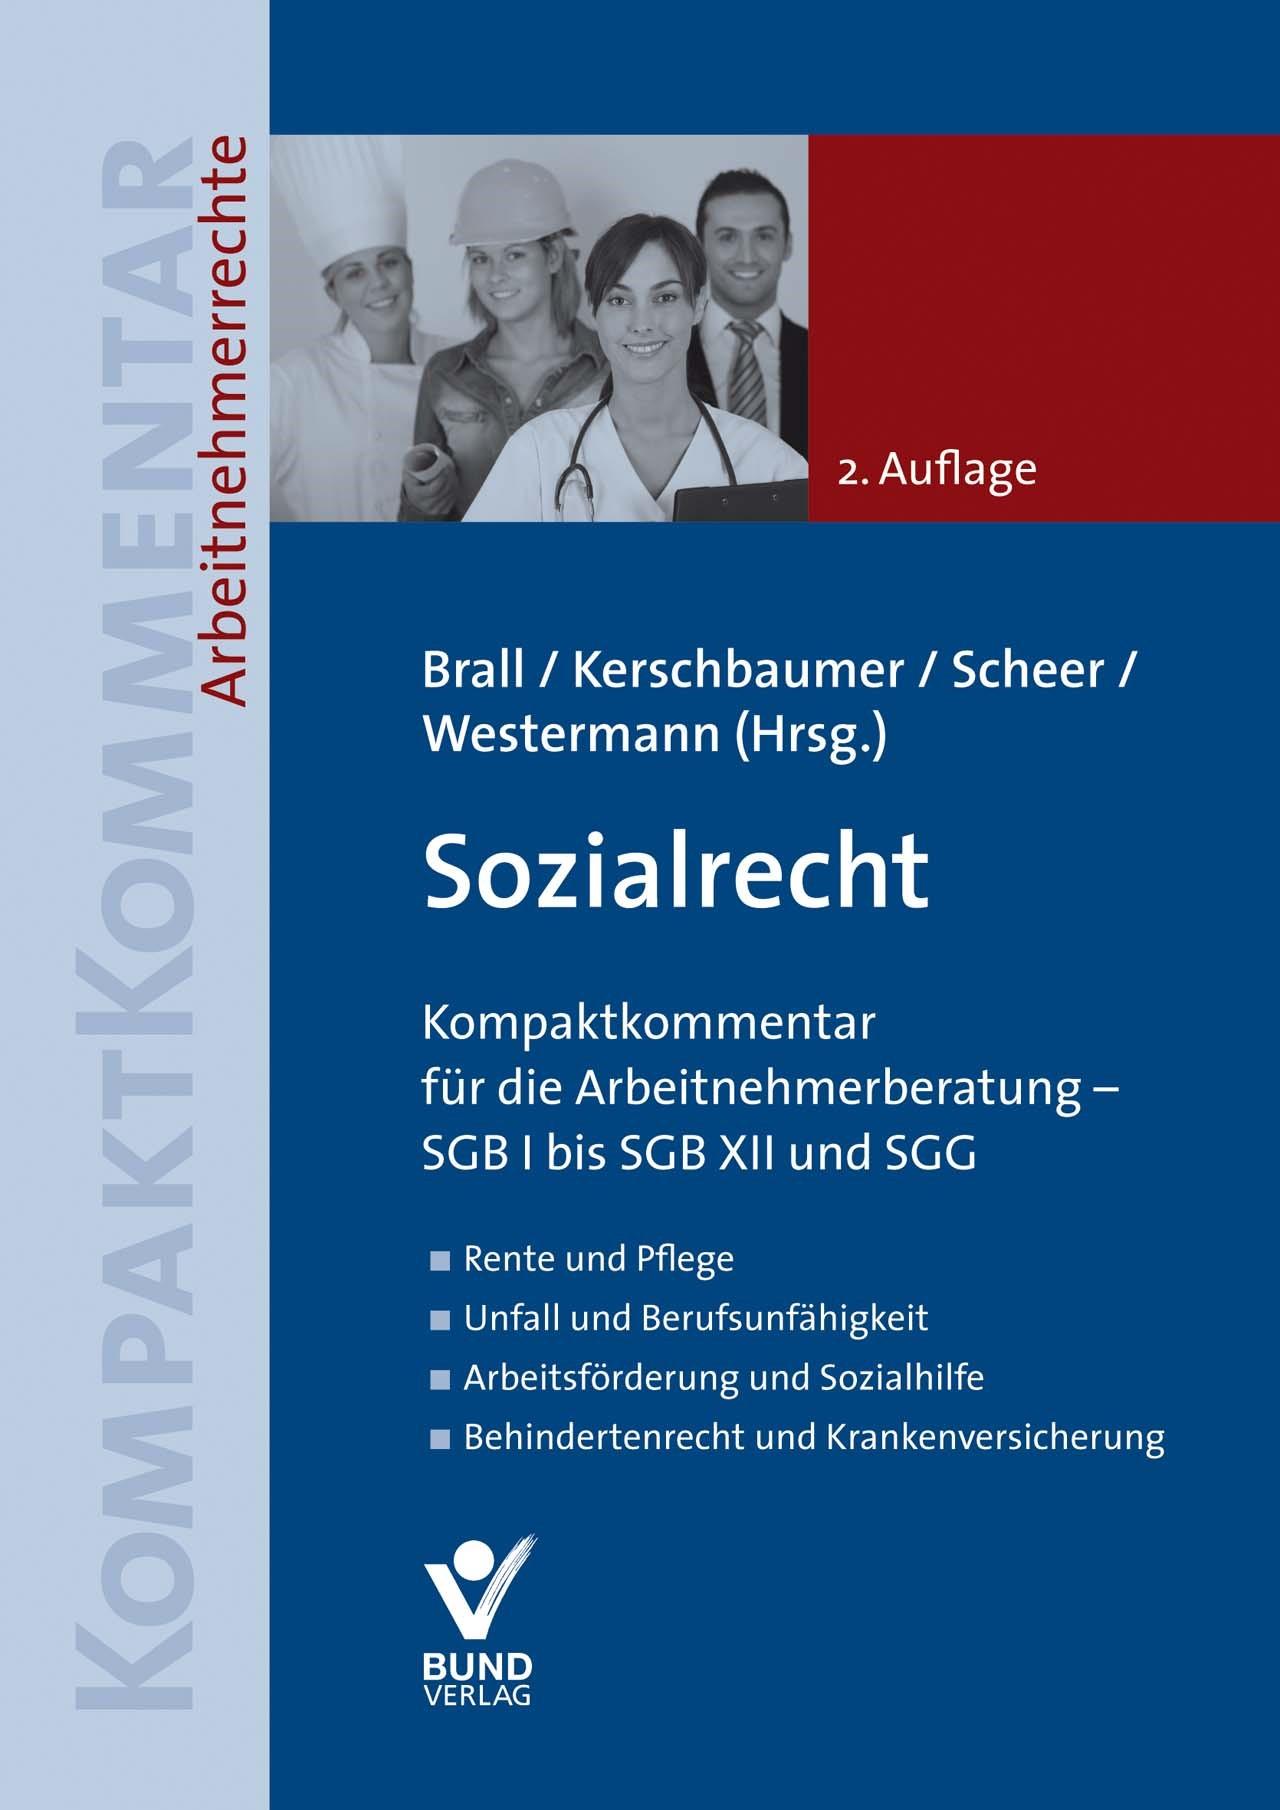 Sozialrecht | Brall / Kerschbaumer / Scheer / Westermann (Hrsg.) | 2., überarbeitete Auflage, 2017 | Buch (Cover)